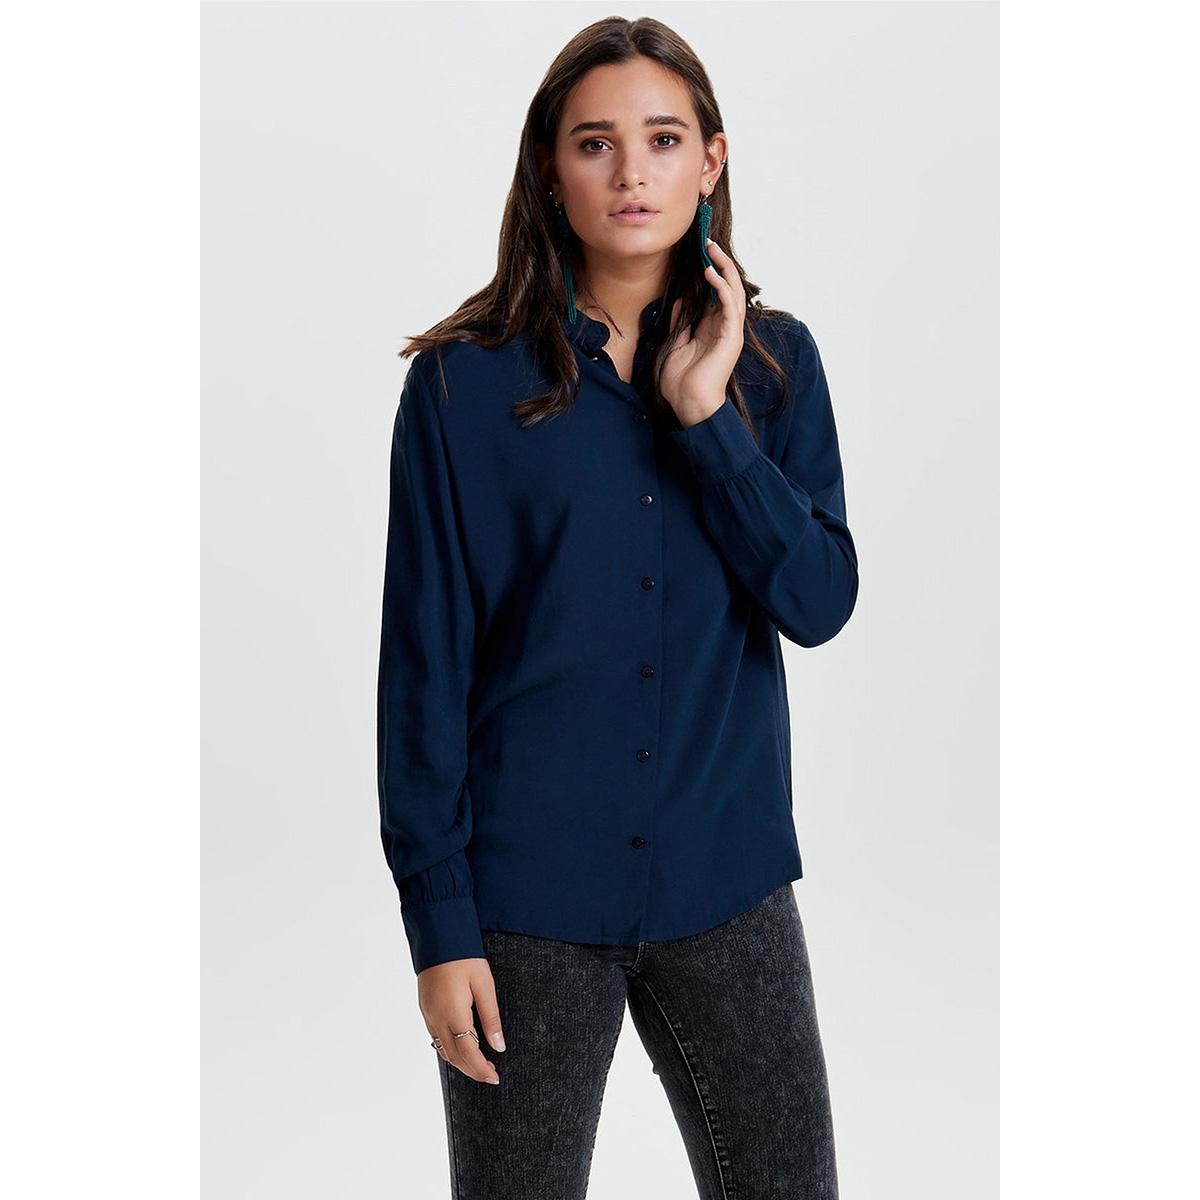 jdydicte l/s shirt wvn 15140848 jacqueline de yong blouse dress blues